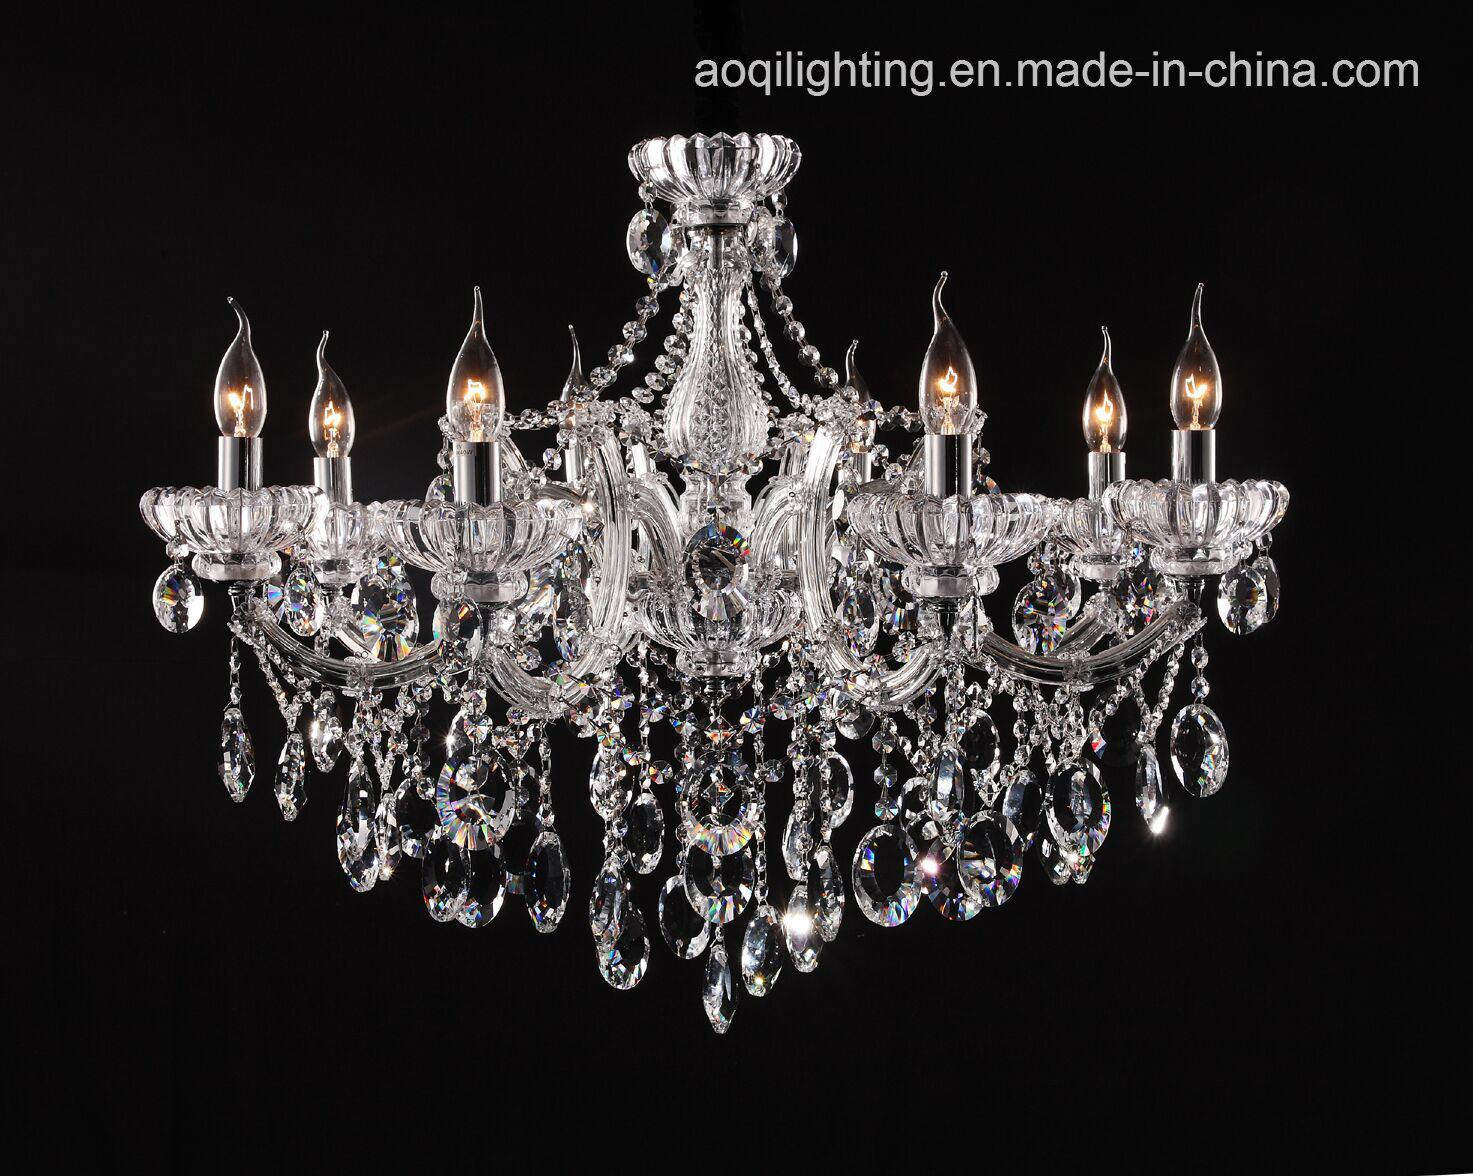 China newest modern design beautiful luxury crystal chandelier lamp china newest modern design beautiful luxury crystal chandelier lamp aq10701 8 china crystal lamp chandelier lamp arubaitofo Choice Image